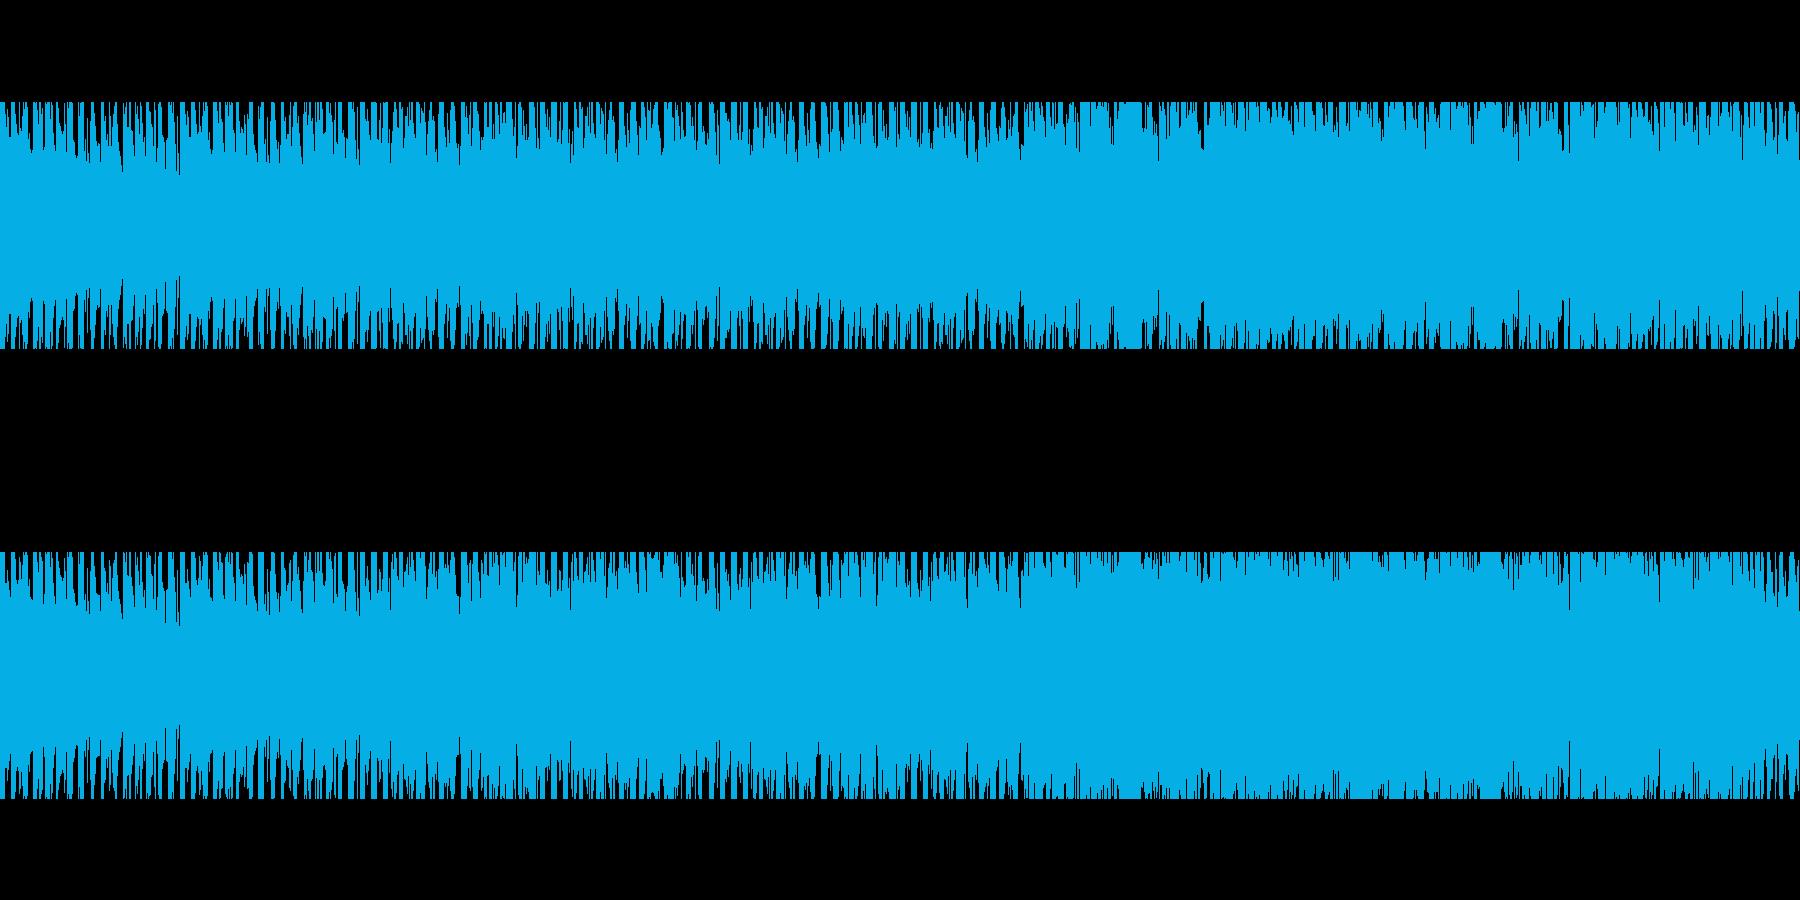 ちょっとリズミカルに潜るようなBGMの再生済みの波形